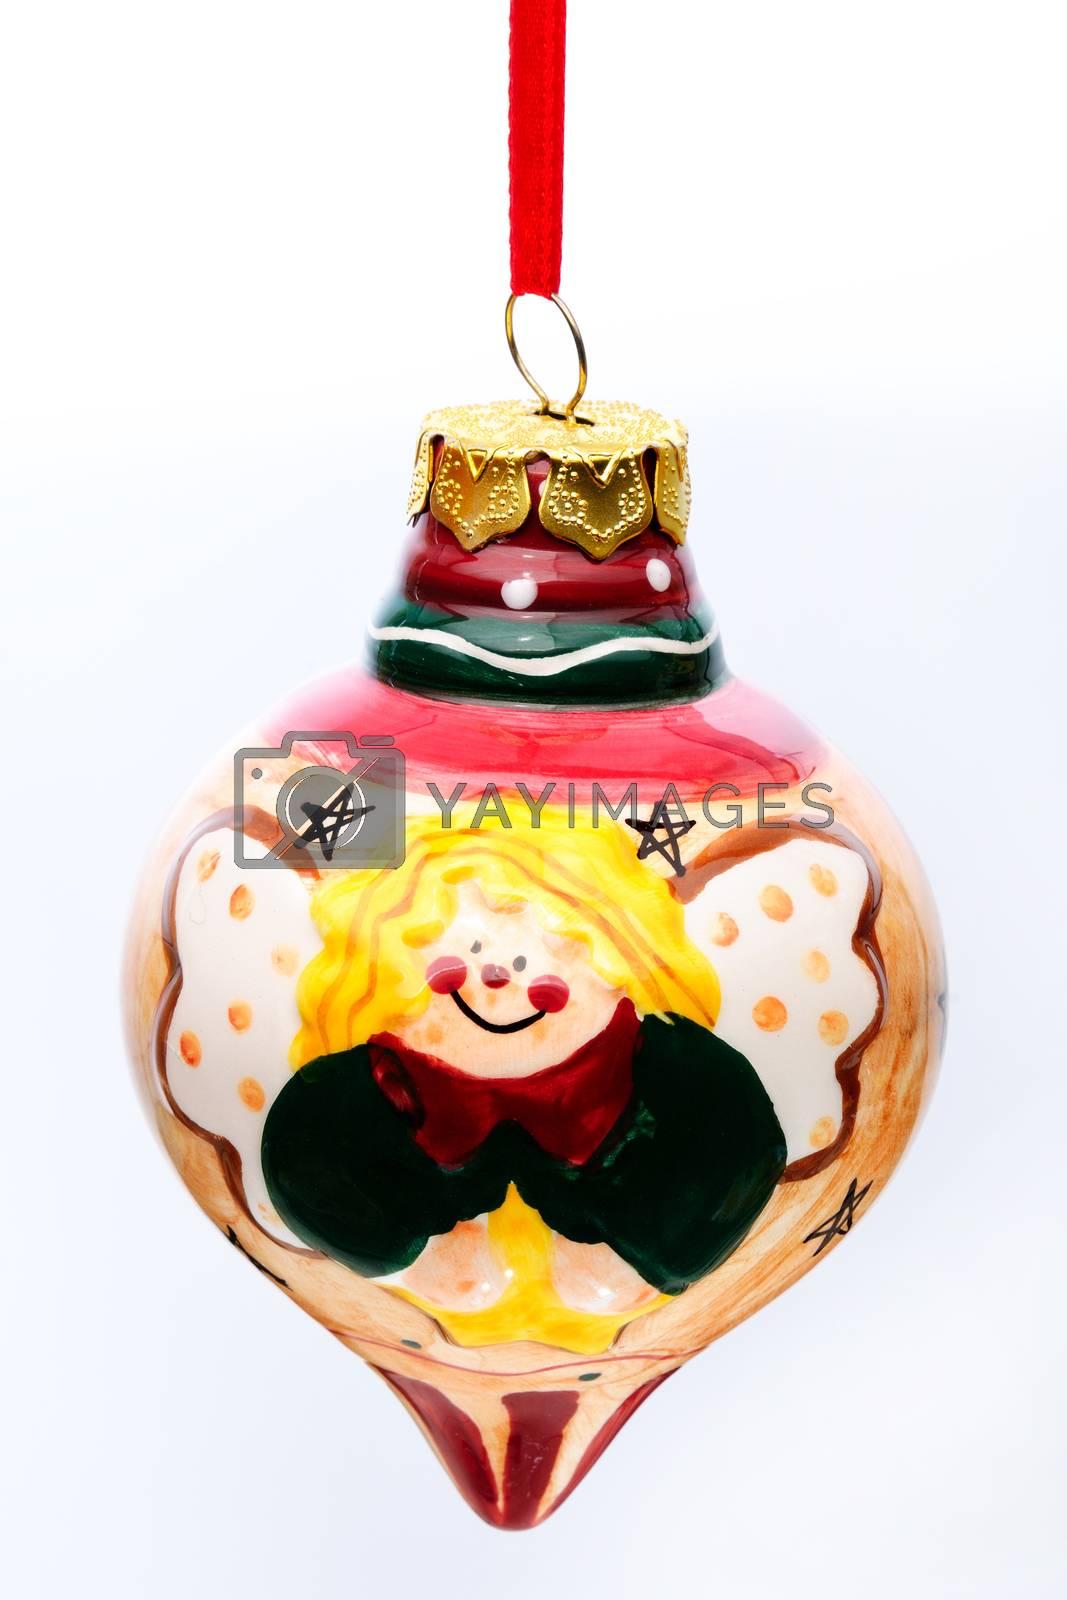 Christmas tree decorations and nativity Christian Catholic isolated on white background.